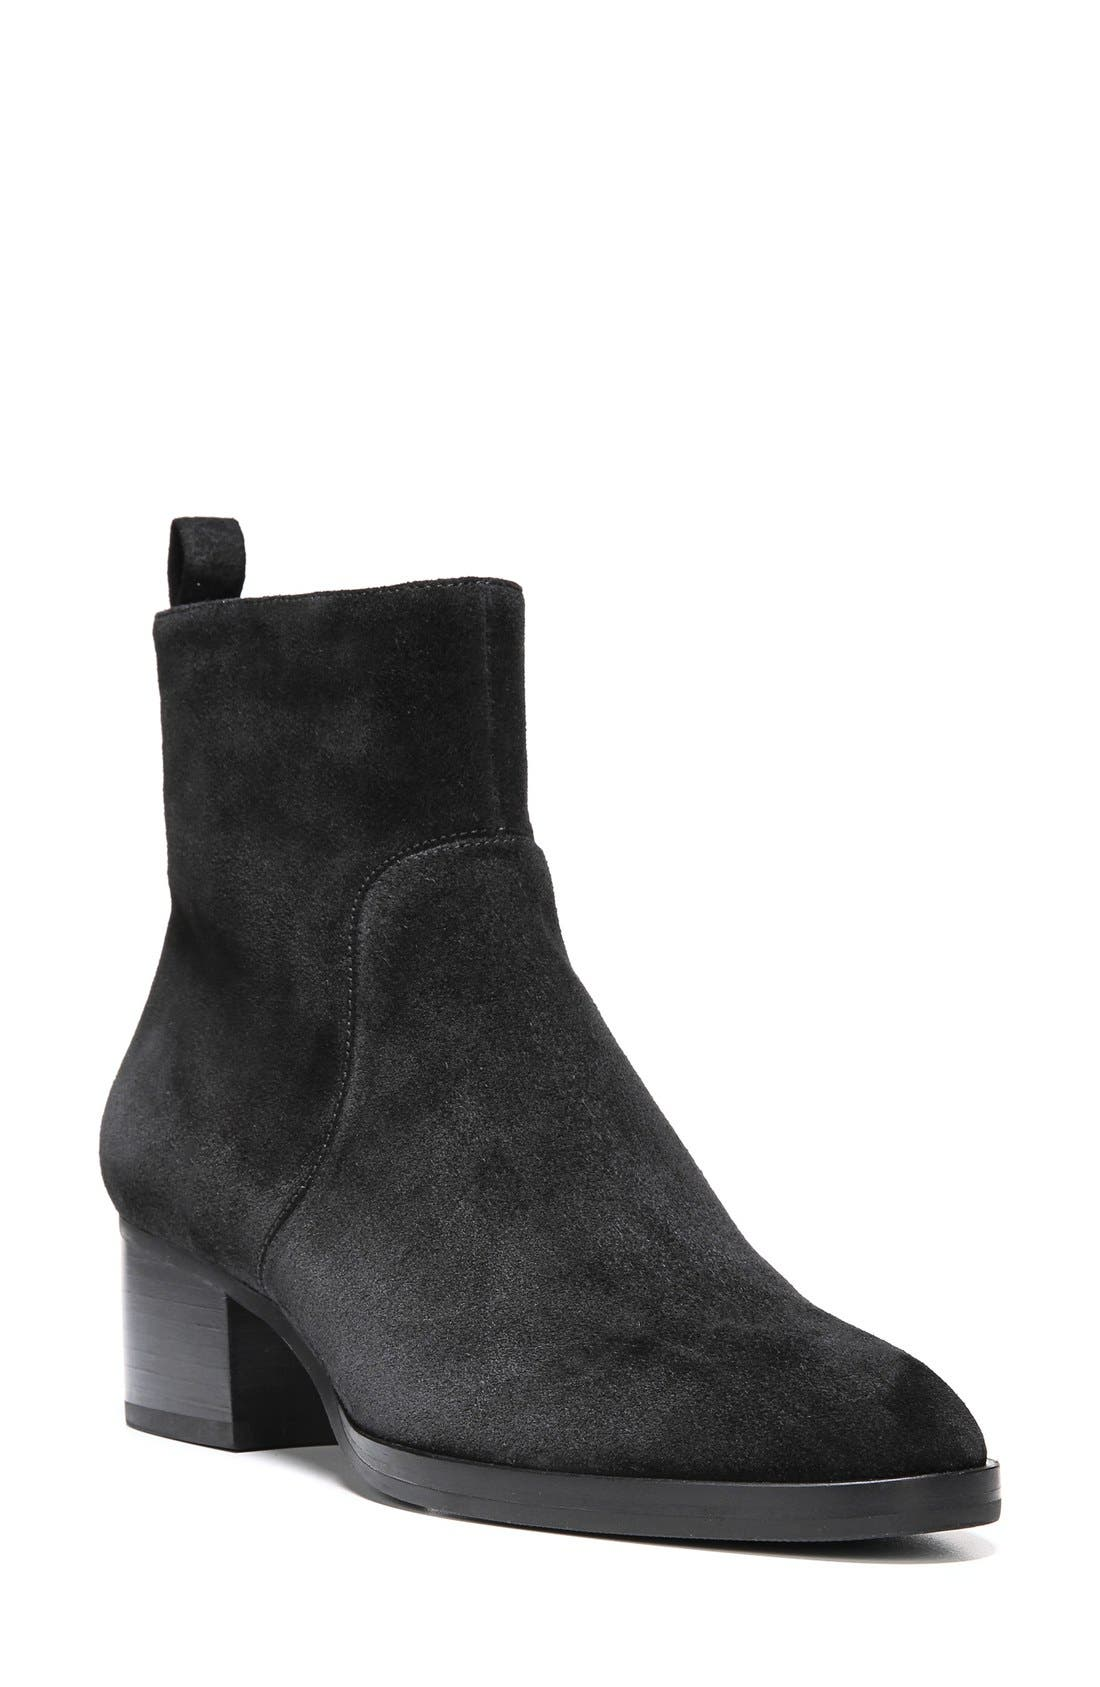 'Ottavia' Block Heel Bootie, Main, color, 002